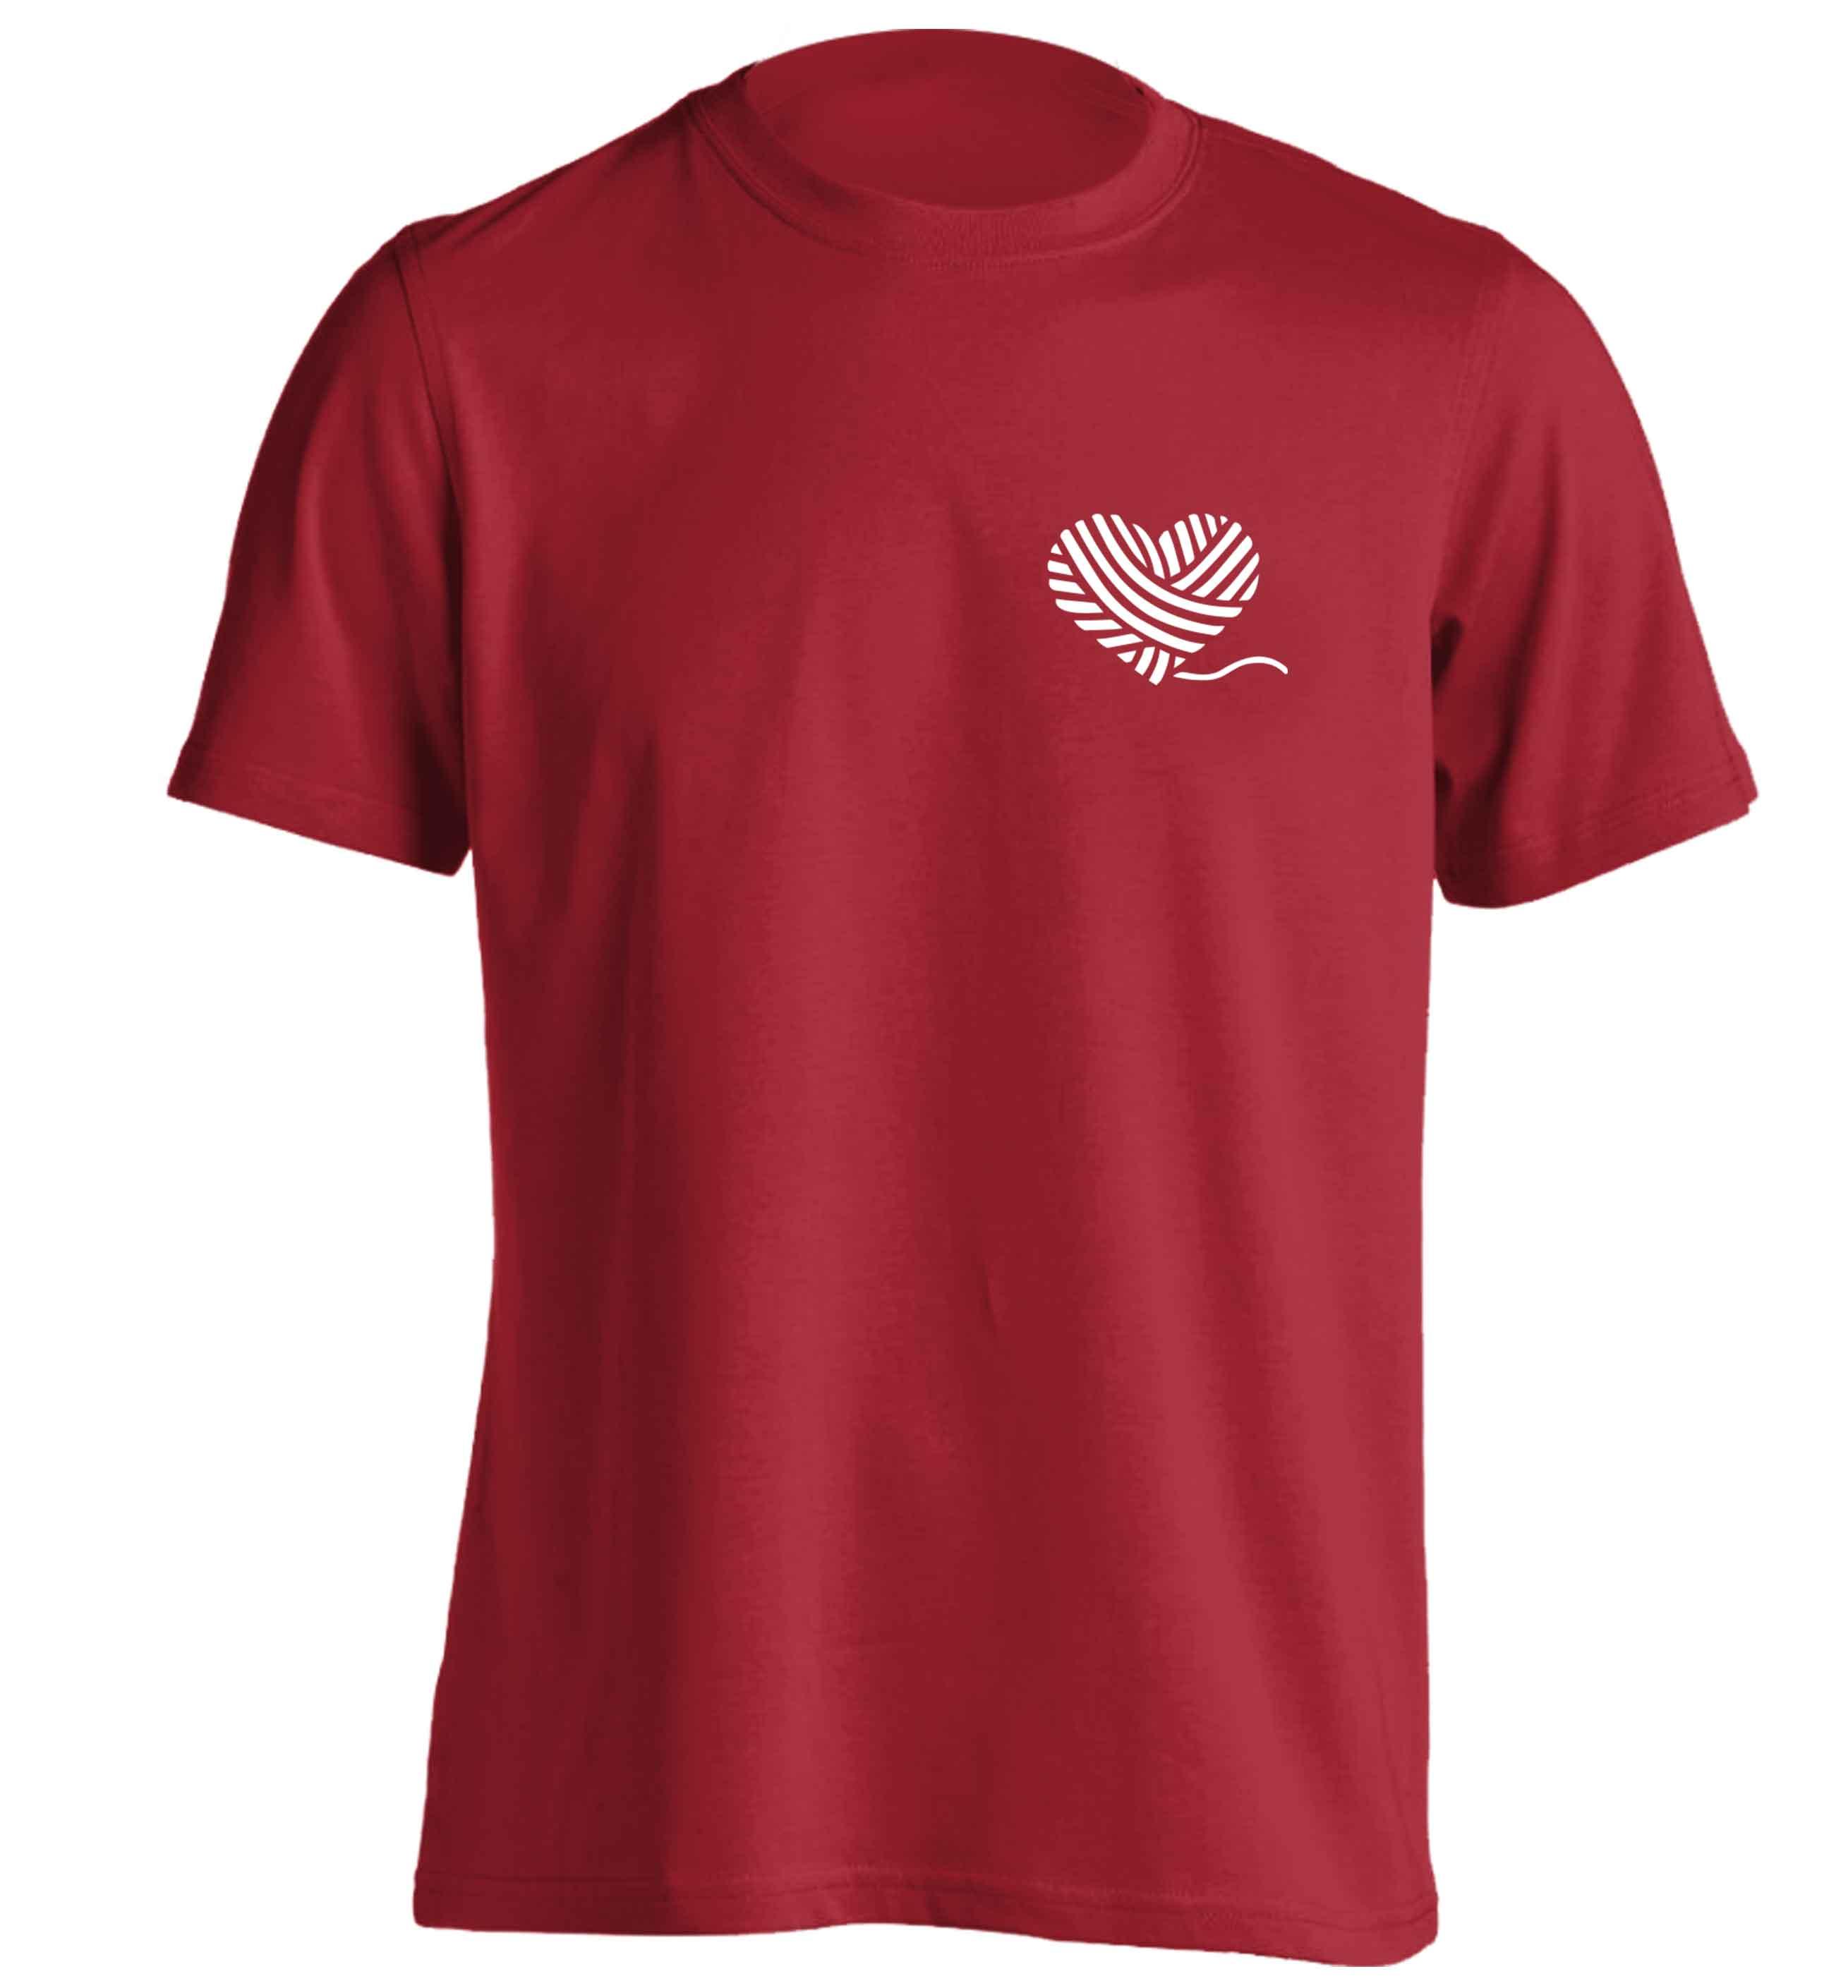 82c999e5d209 knitted heart (pocket design) t-shirt 5188 · Flox Creative · Online ...